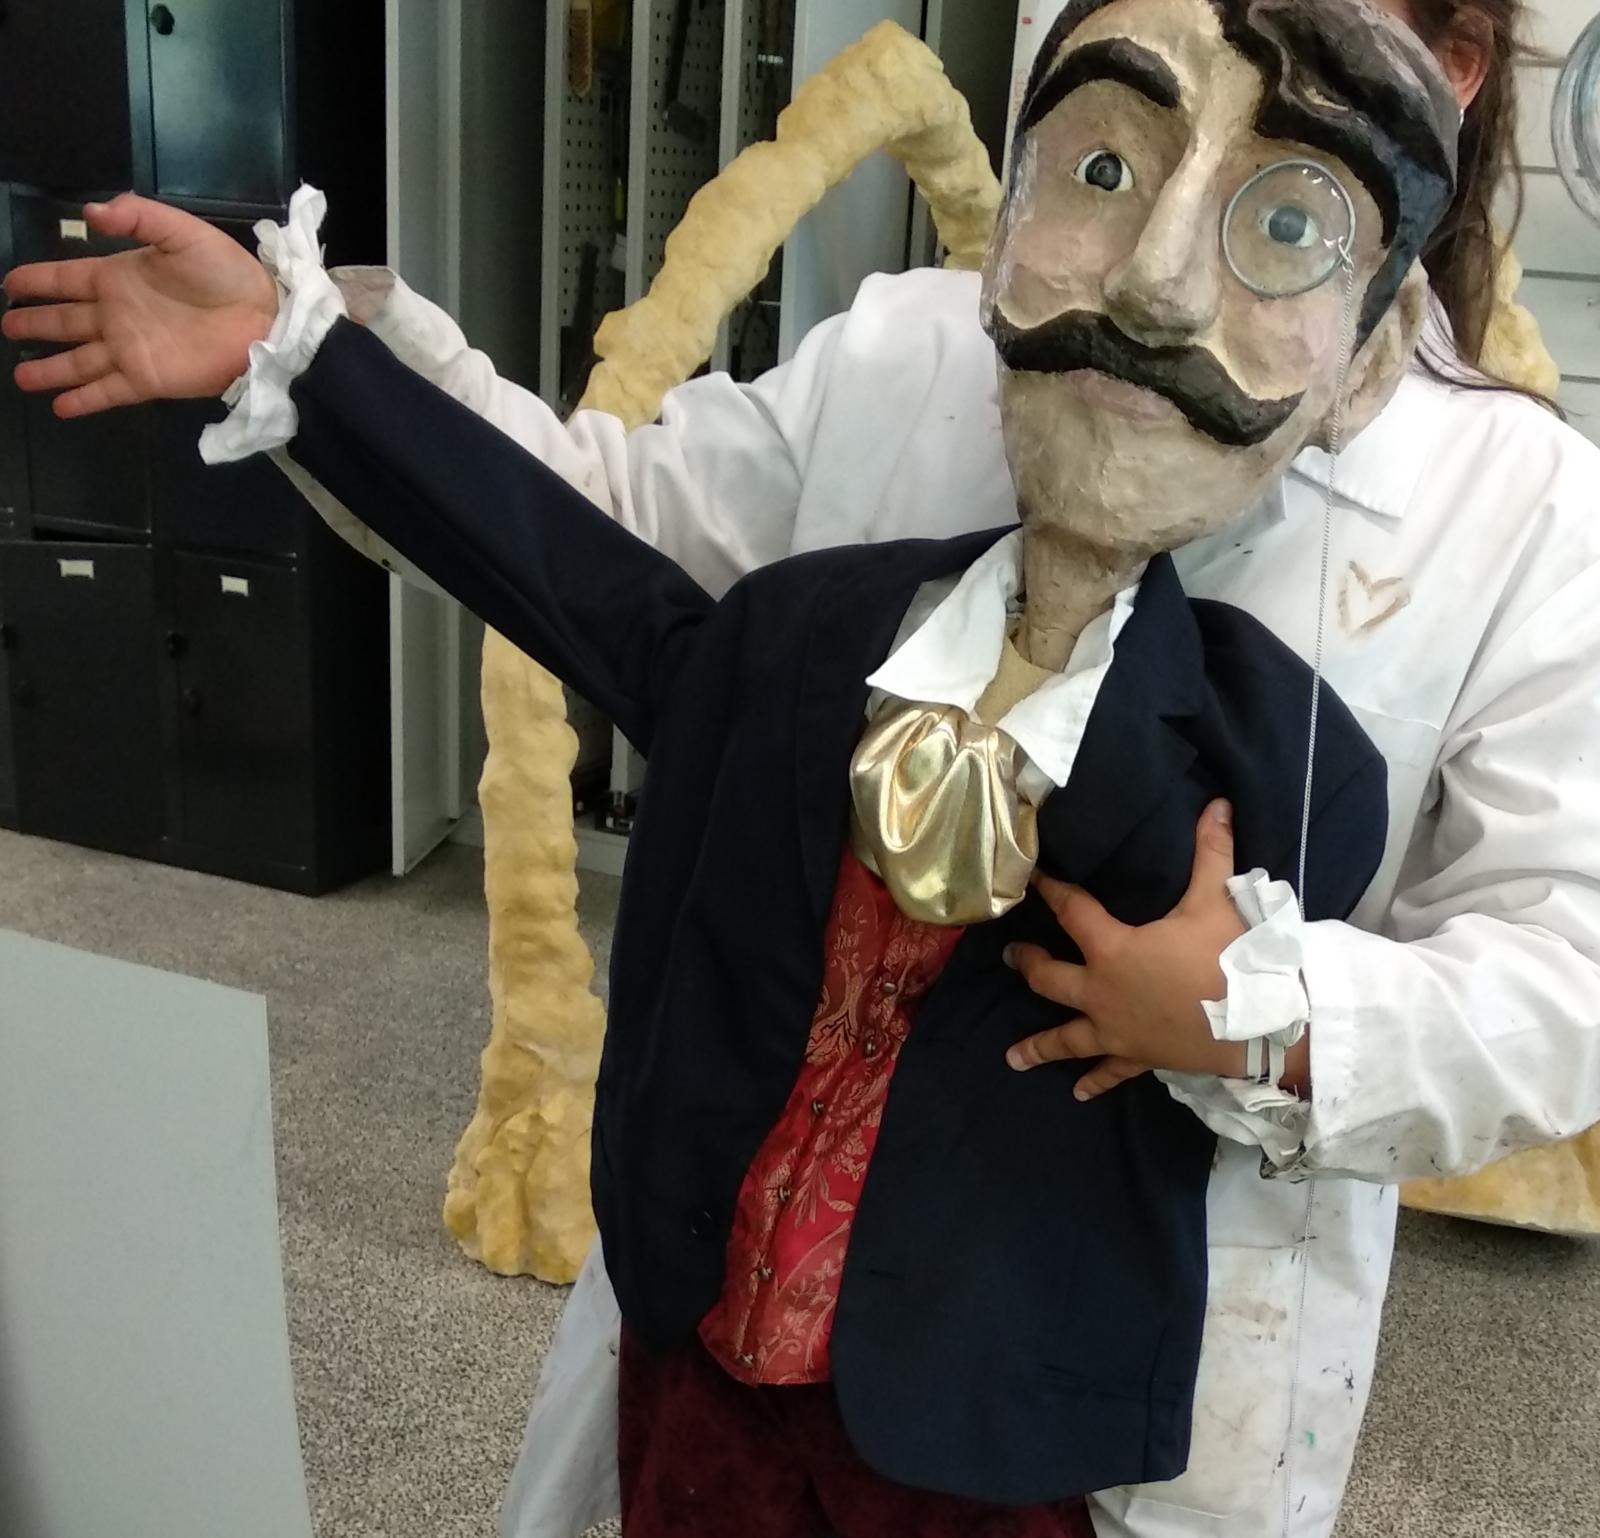 Marioneta a ser manipulada por uma pessoa